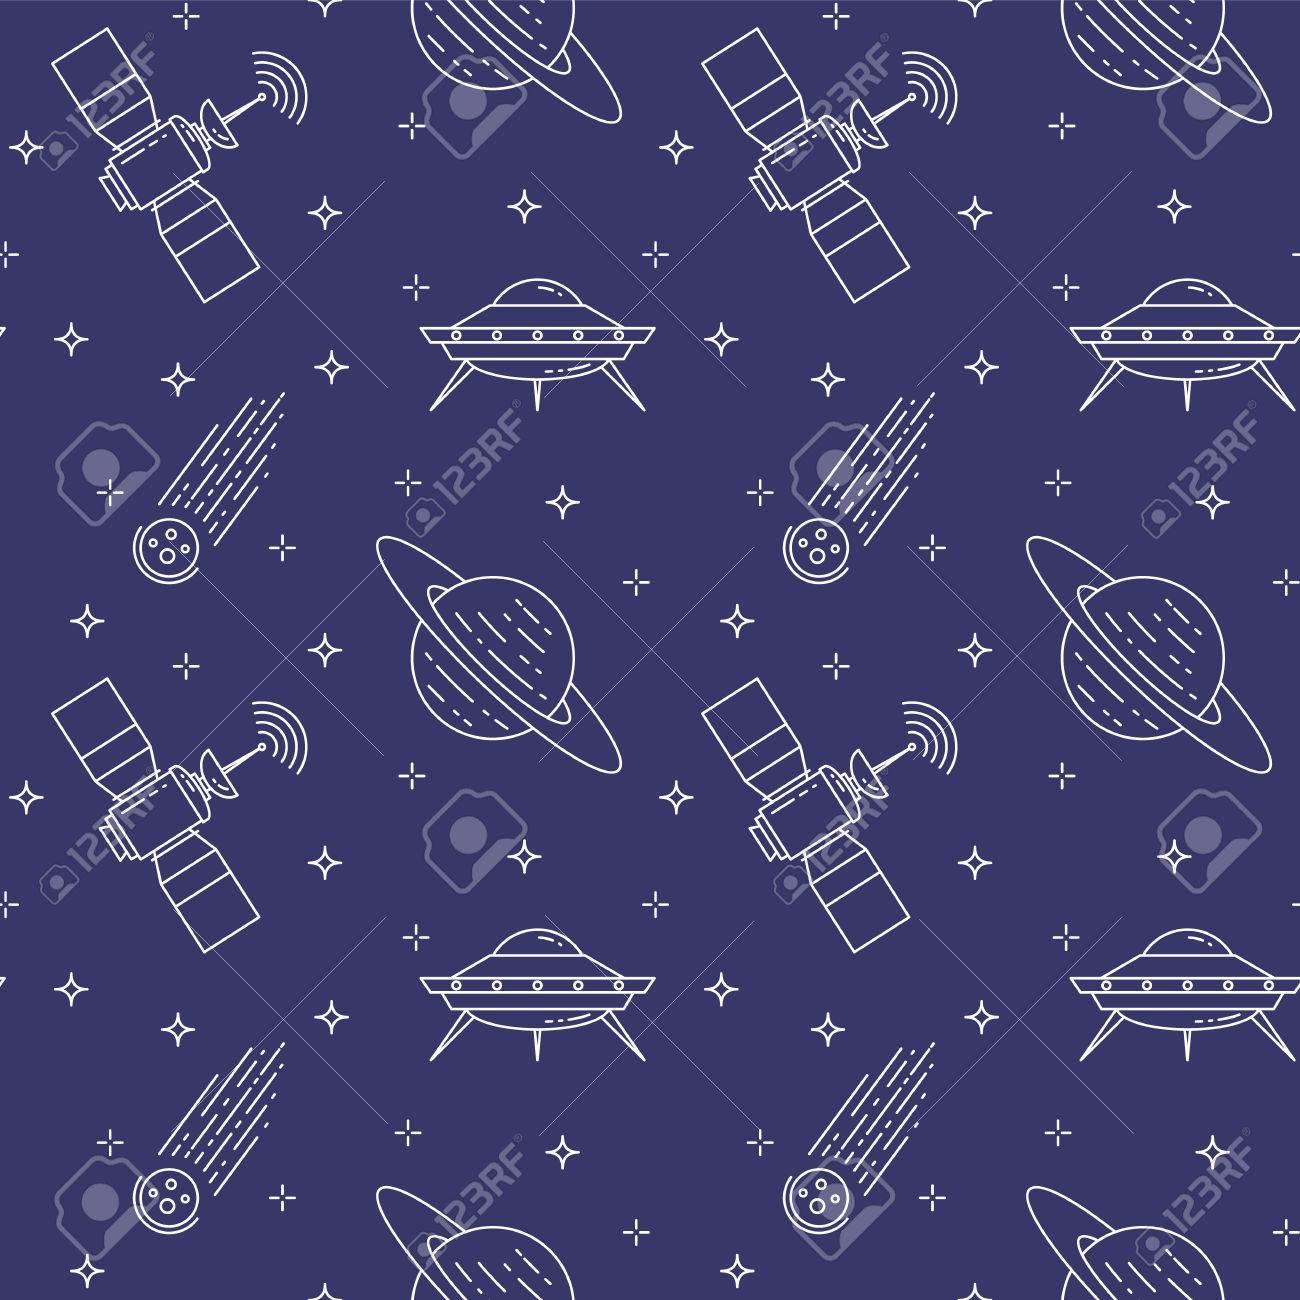 Iconos De Líneas De Viajes Espaciales. Elementos De Ufo, Cometa ...